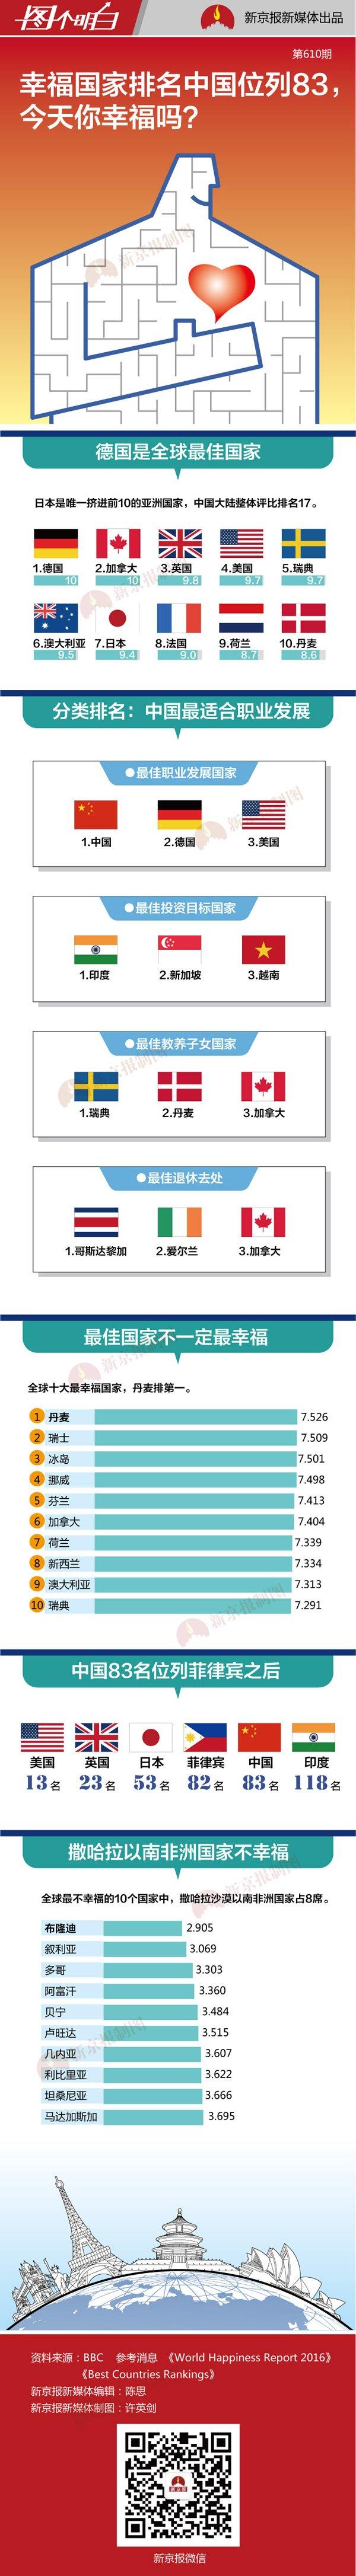 幸福国家排名中国位列83